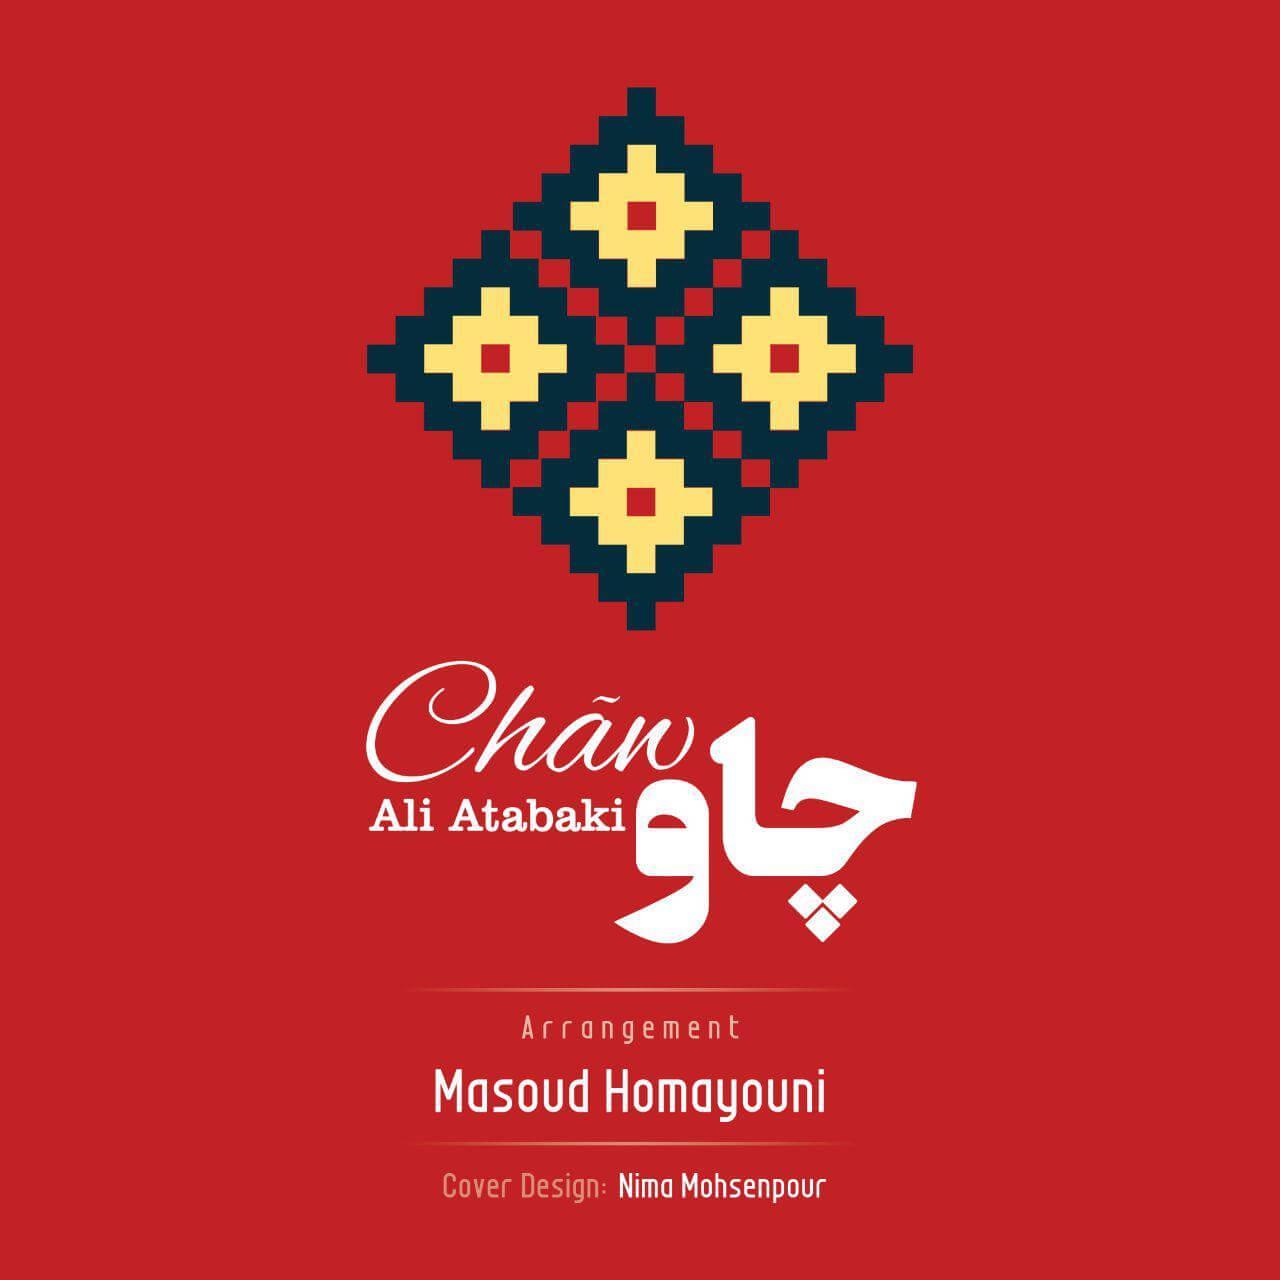 دانلود آهنگ جدید علی اتابکی به نام چاو